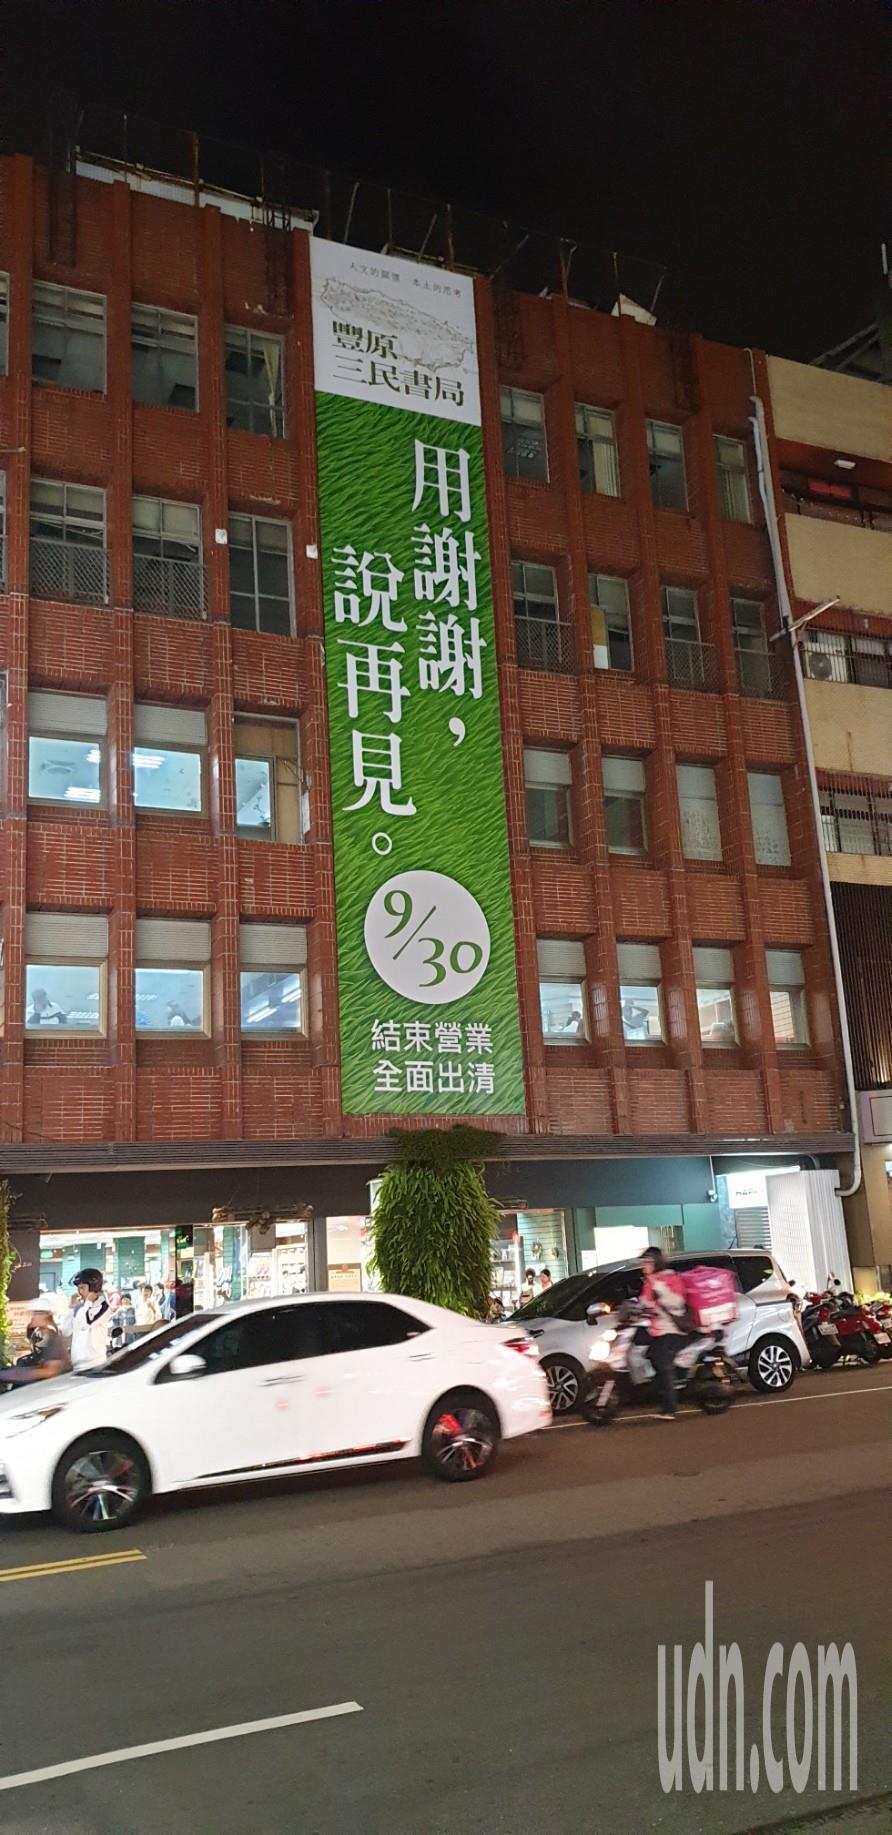 台中市豐原三民書局經營41年,本月30將結束營業。記者游振昇/攝影